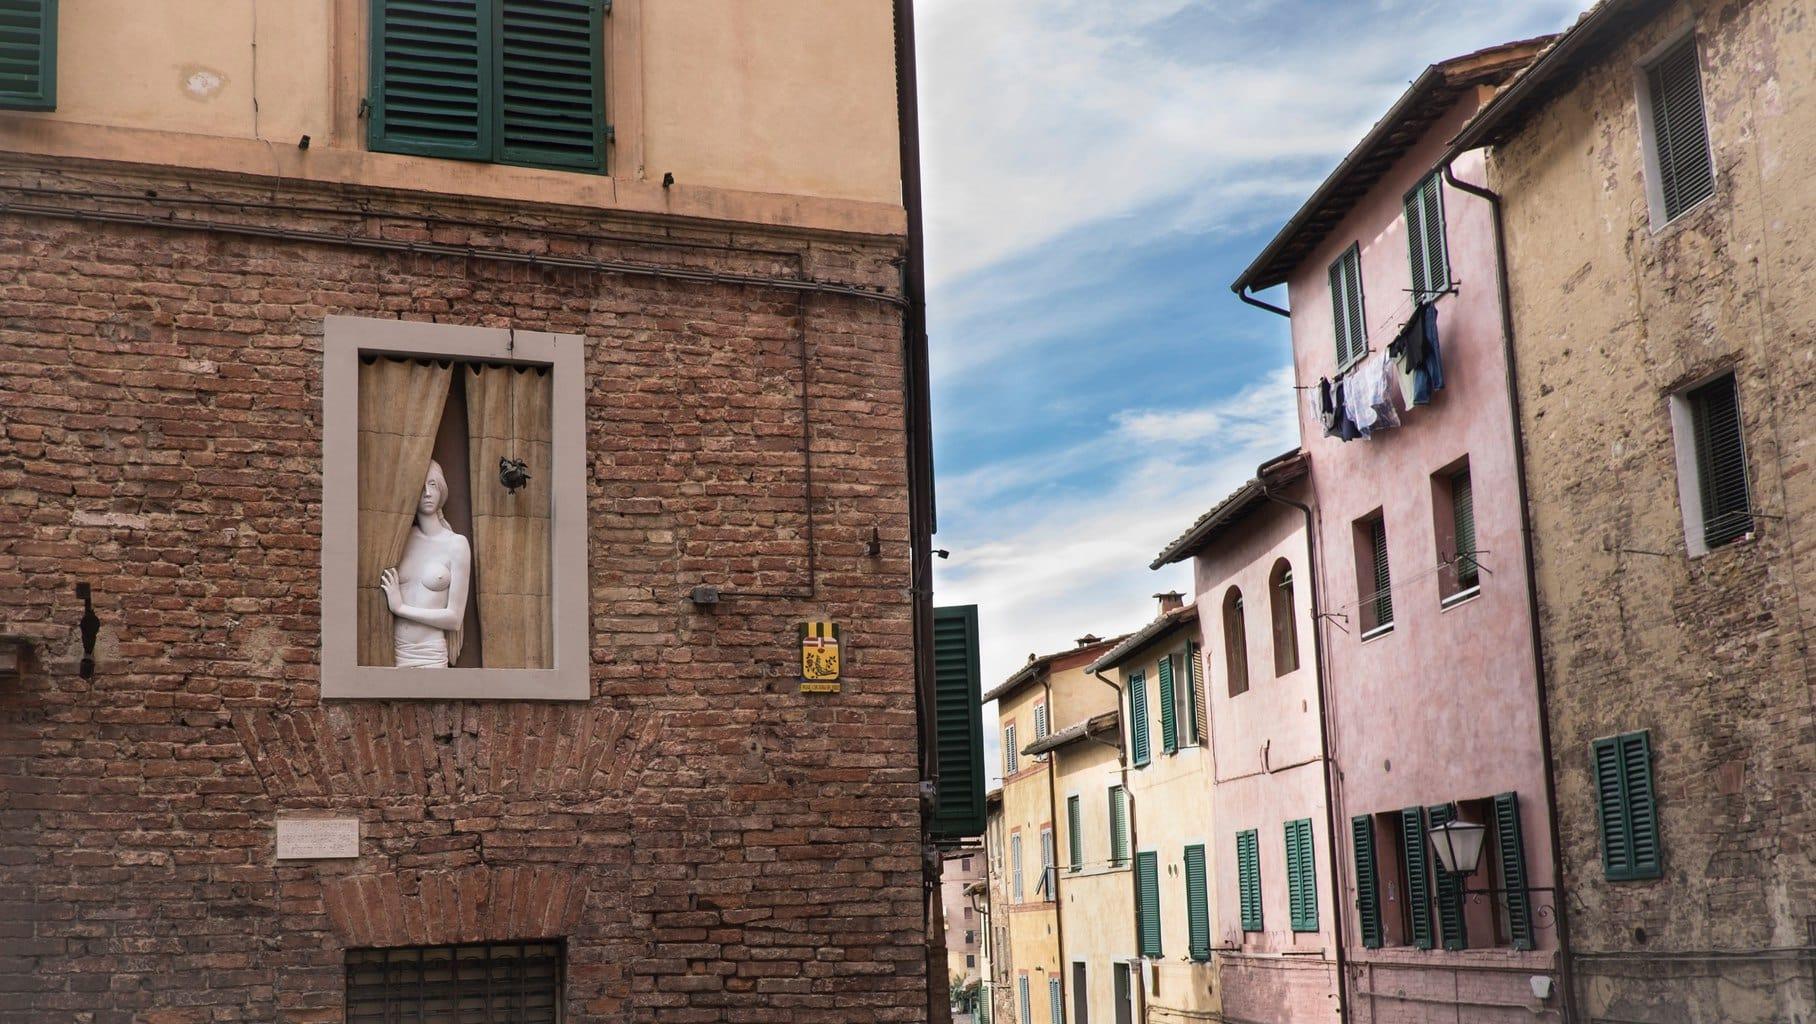 Imagen de una ventana para fotoreto51 con el tema confinamiento